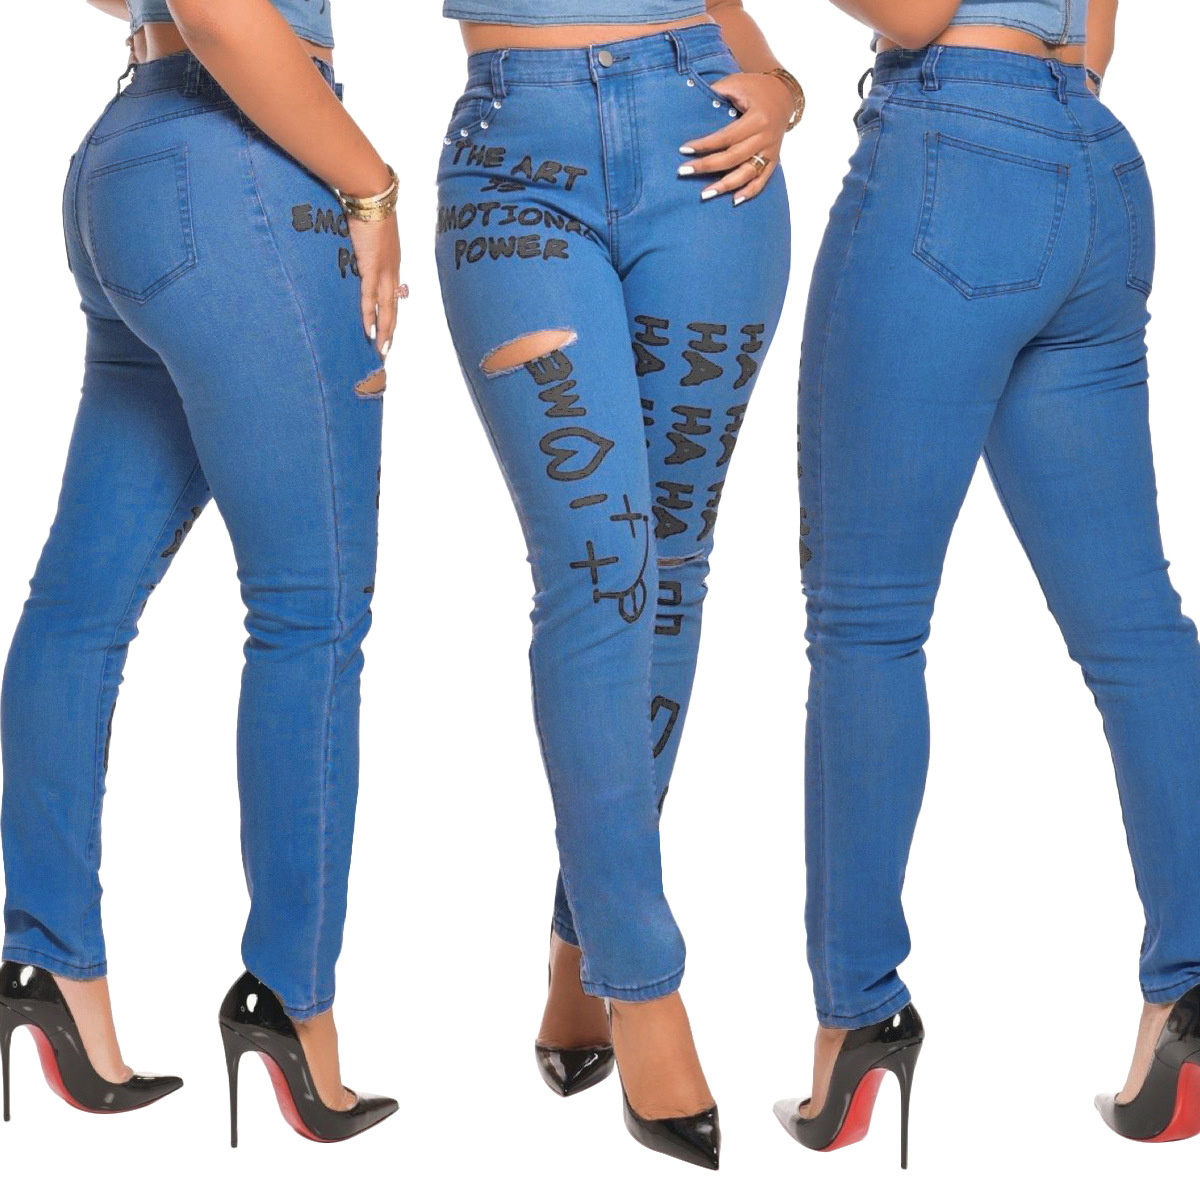 Mallas Con Letras Estampadas Para Mujer Pantalones Vaqueros Rotos Sexy 2020 Buy Jeans De Mezclilla De Alta Calidad Para Mujer Jeans De Tela Jeans De Mujer Product On Alibaba Com